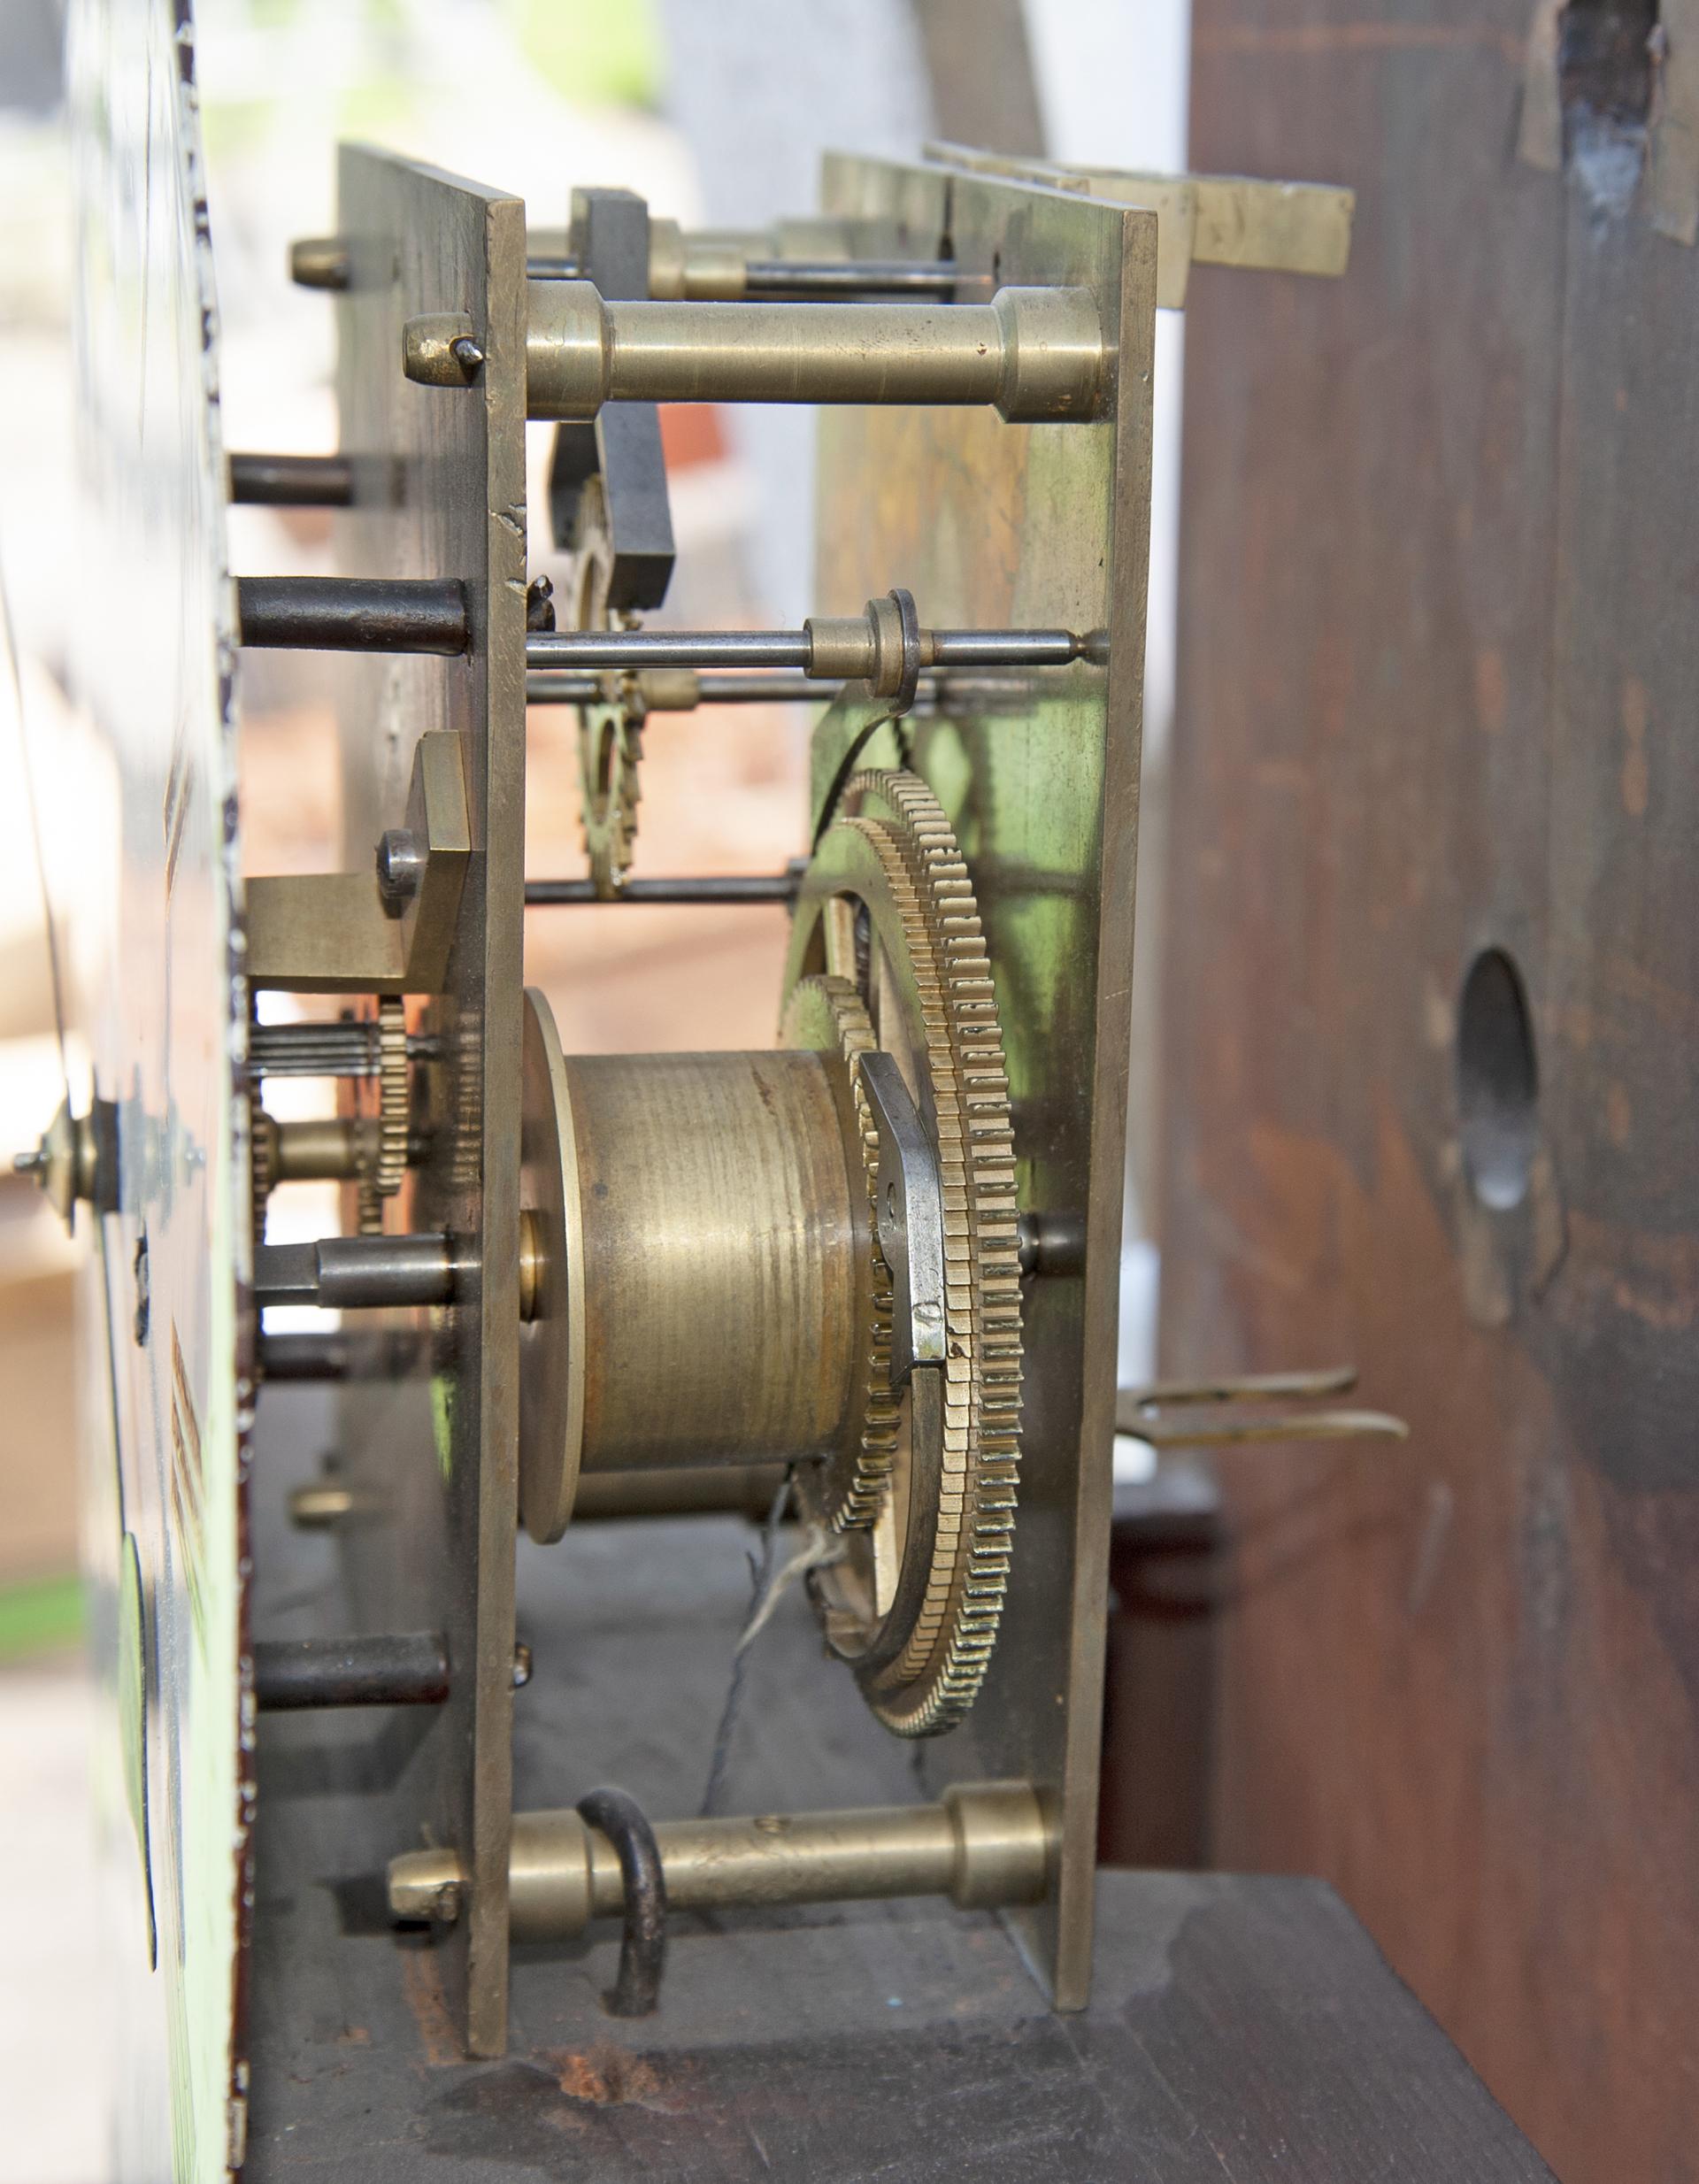 North British Railway 12in dial mahogany cased regulator railway wall clock. The rectangular - Image 2 of 2